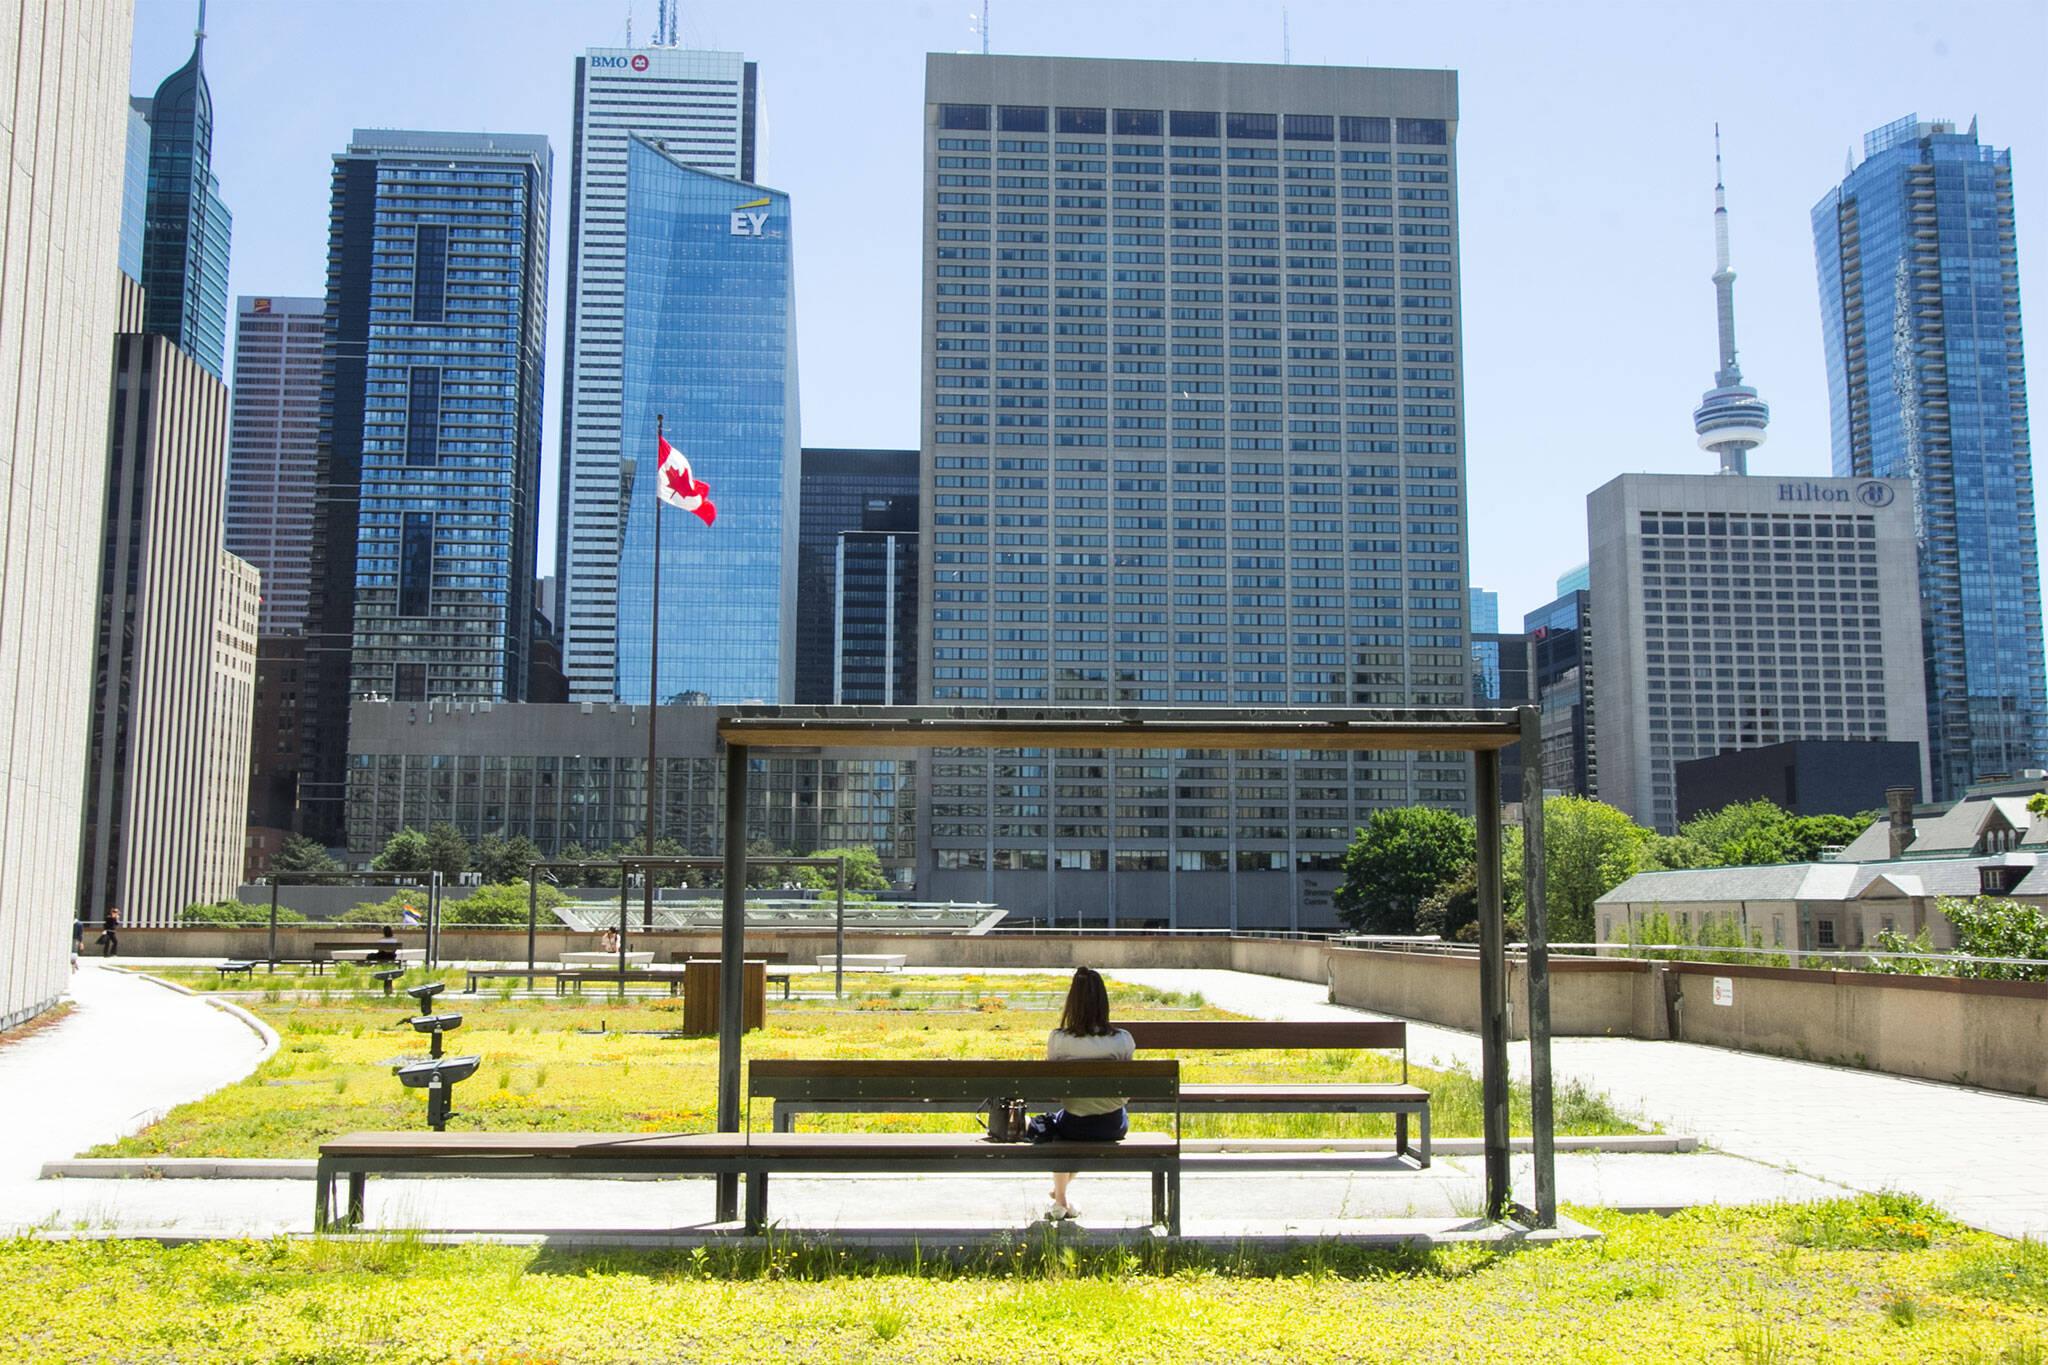 Toronto get away